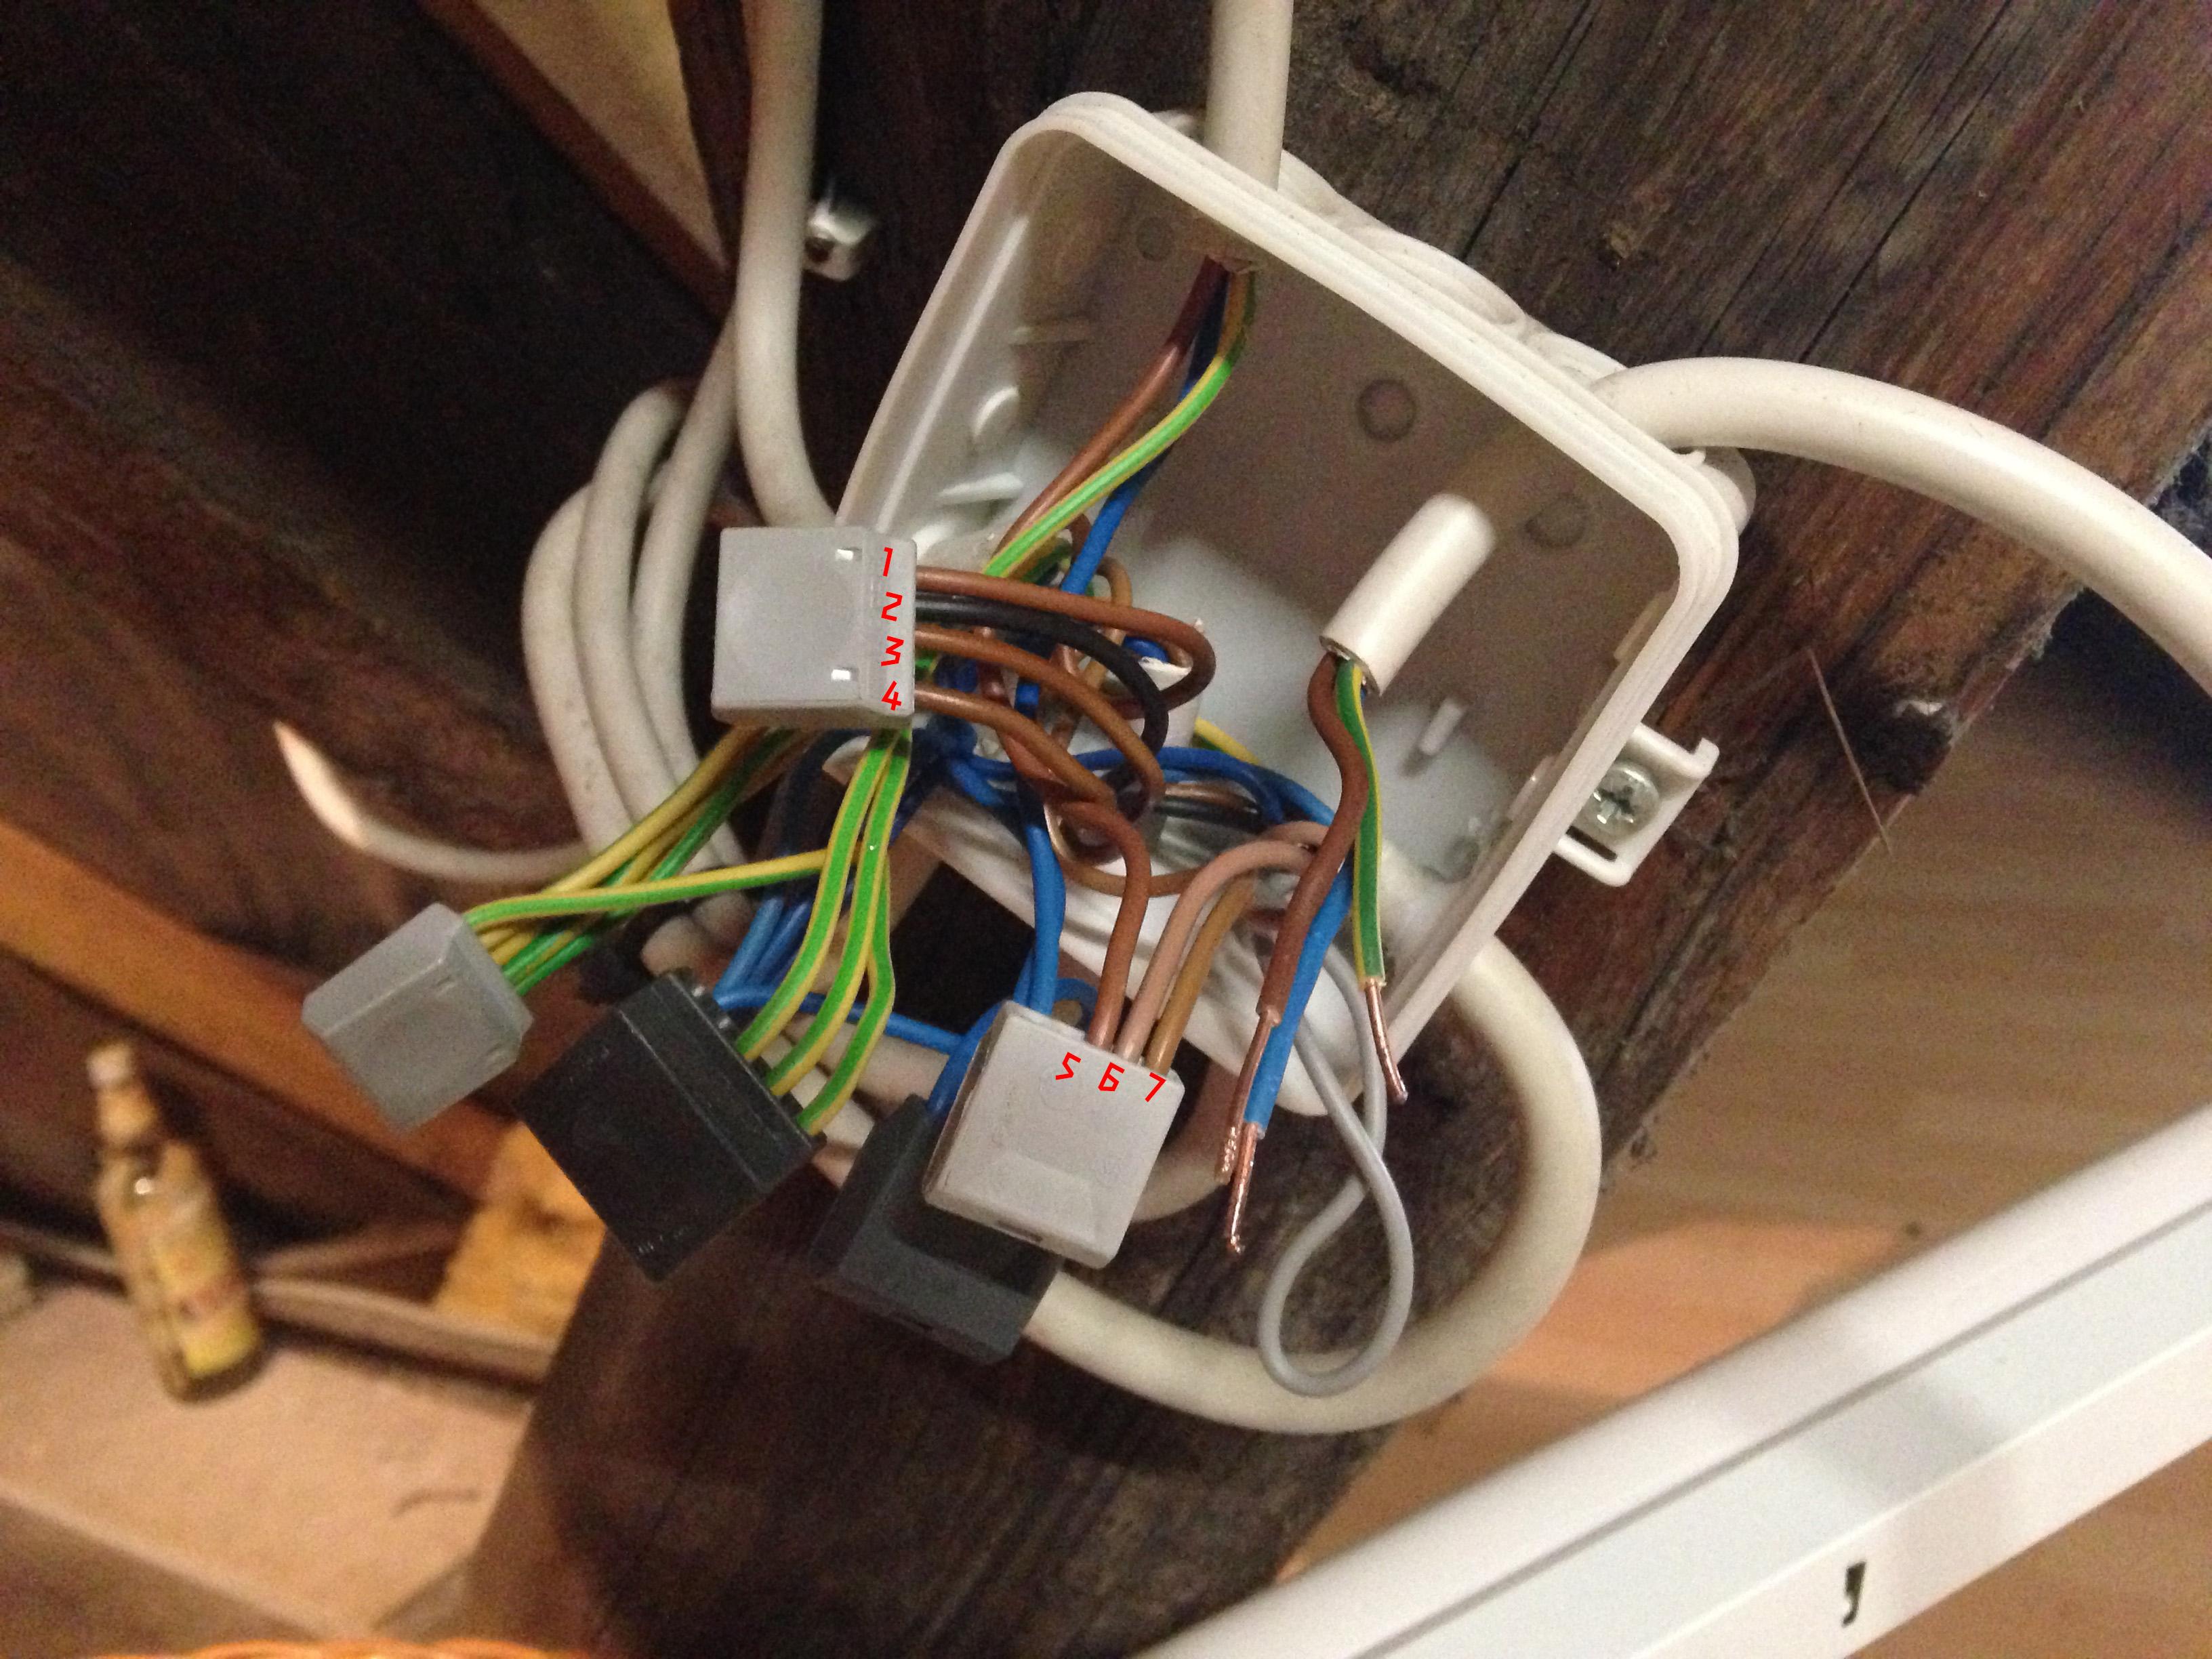 Lampe Lichtschalter Anschließen: Lichtschalter anschließen anleitung ...